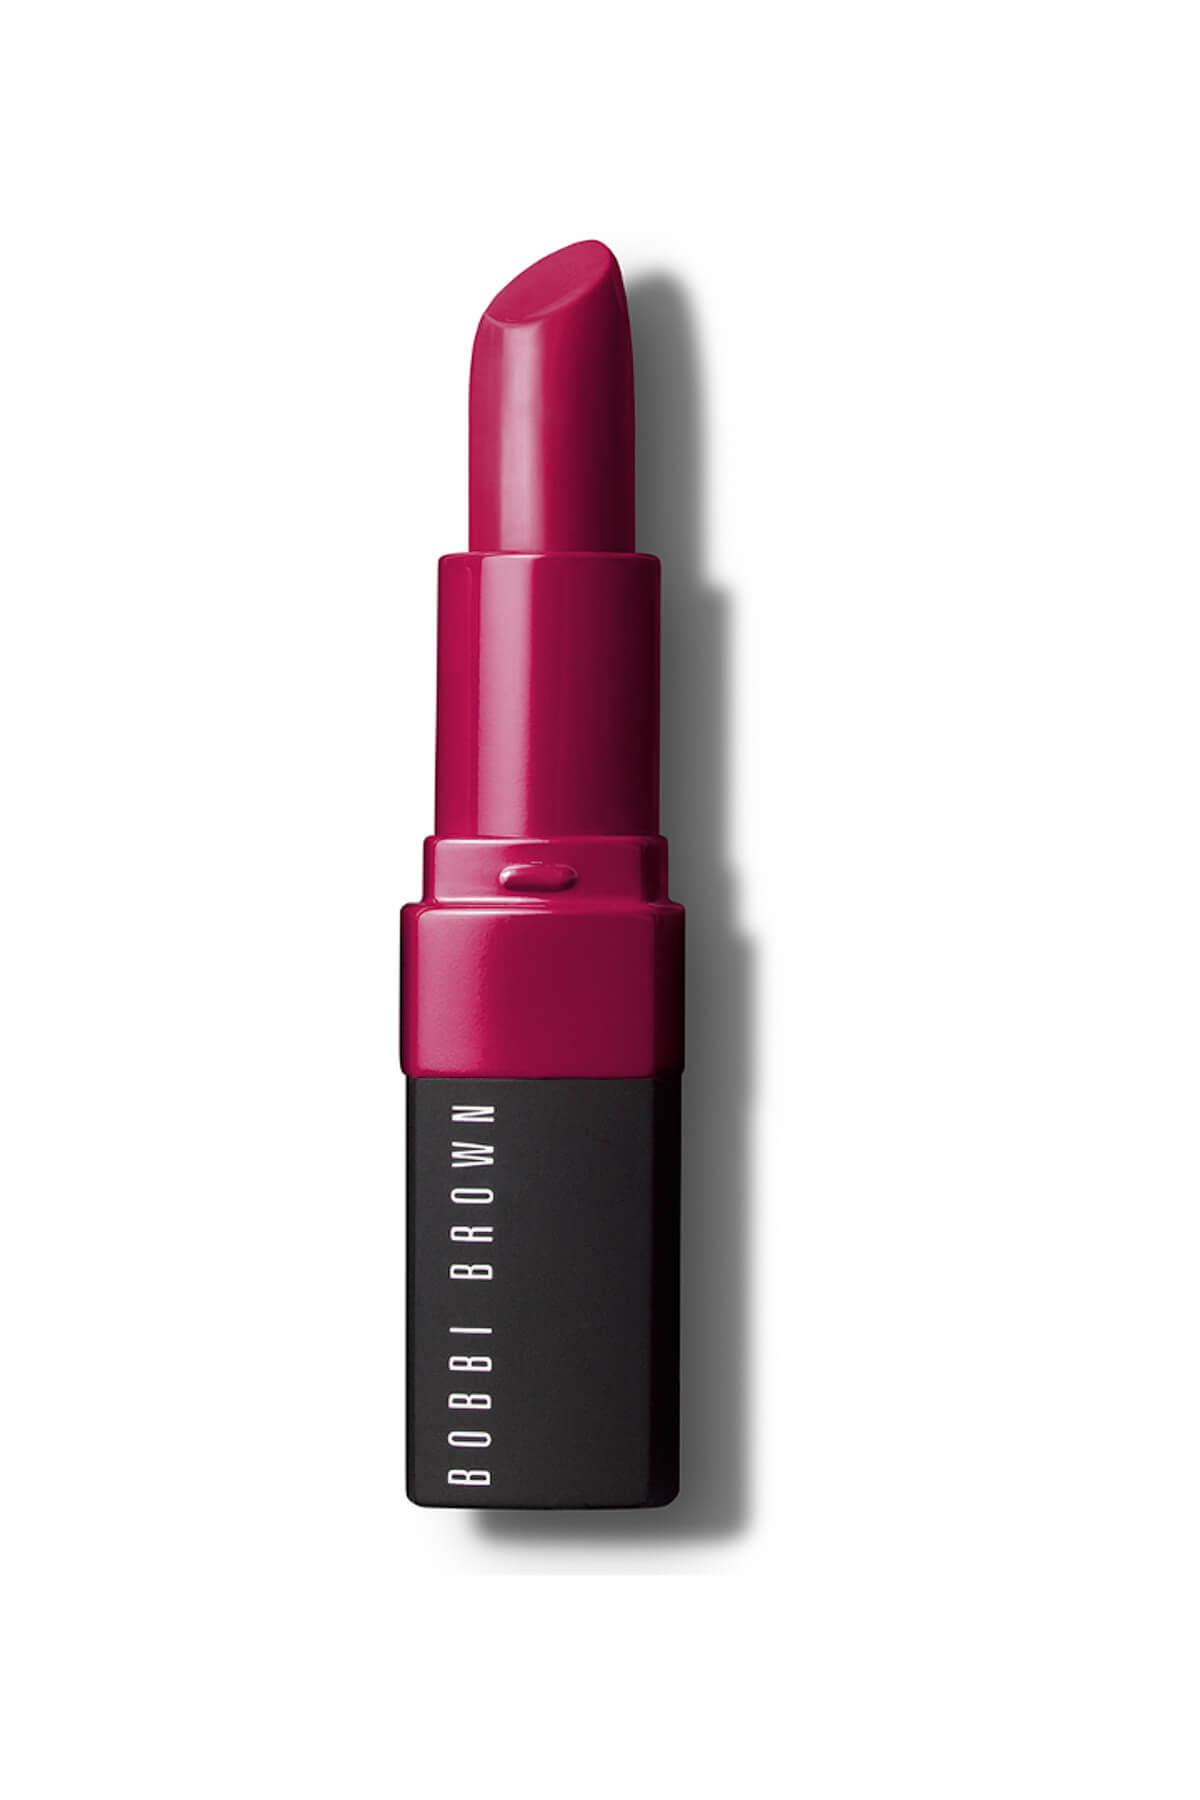 BOBBI BROWN Ruj - Crushed Lip Color Plum 3.4 g 716170186276 1